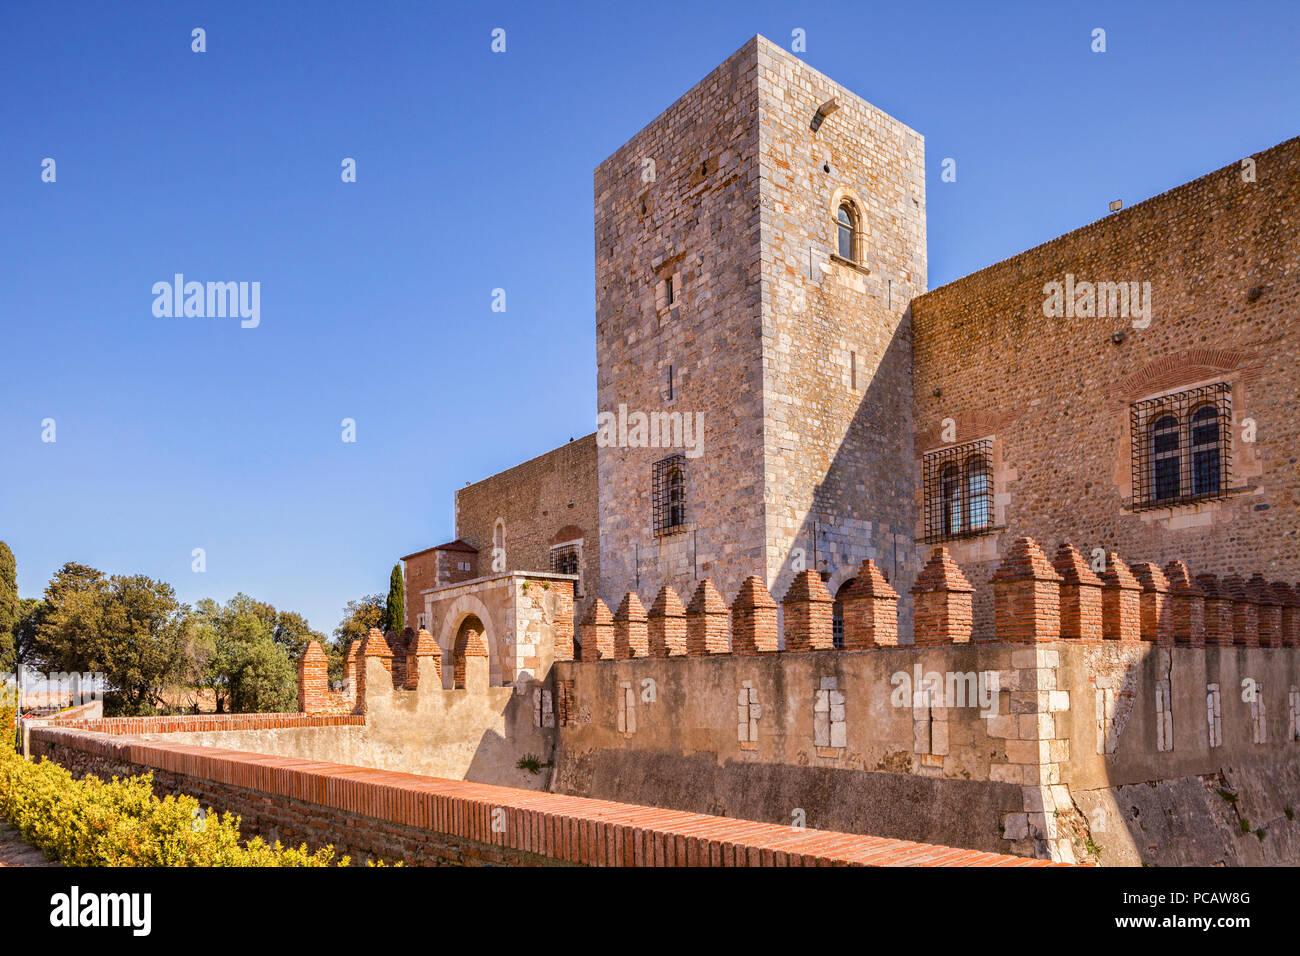 Palazzo dei Re di Maiorca, Perpignan, Languedoc-Roussillon, Pyrenees-Orientales, Francia. Immagini Stock